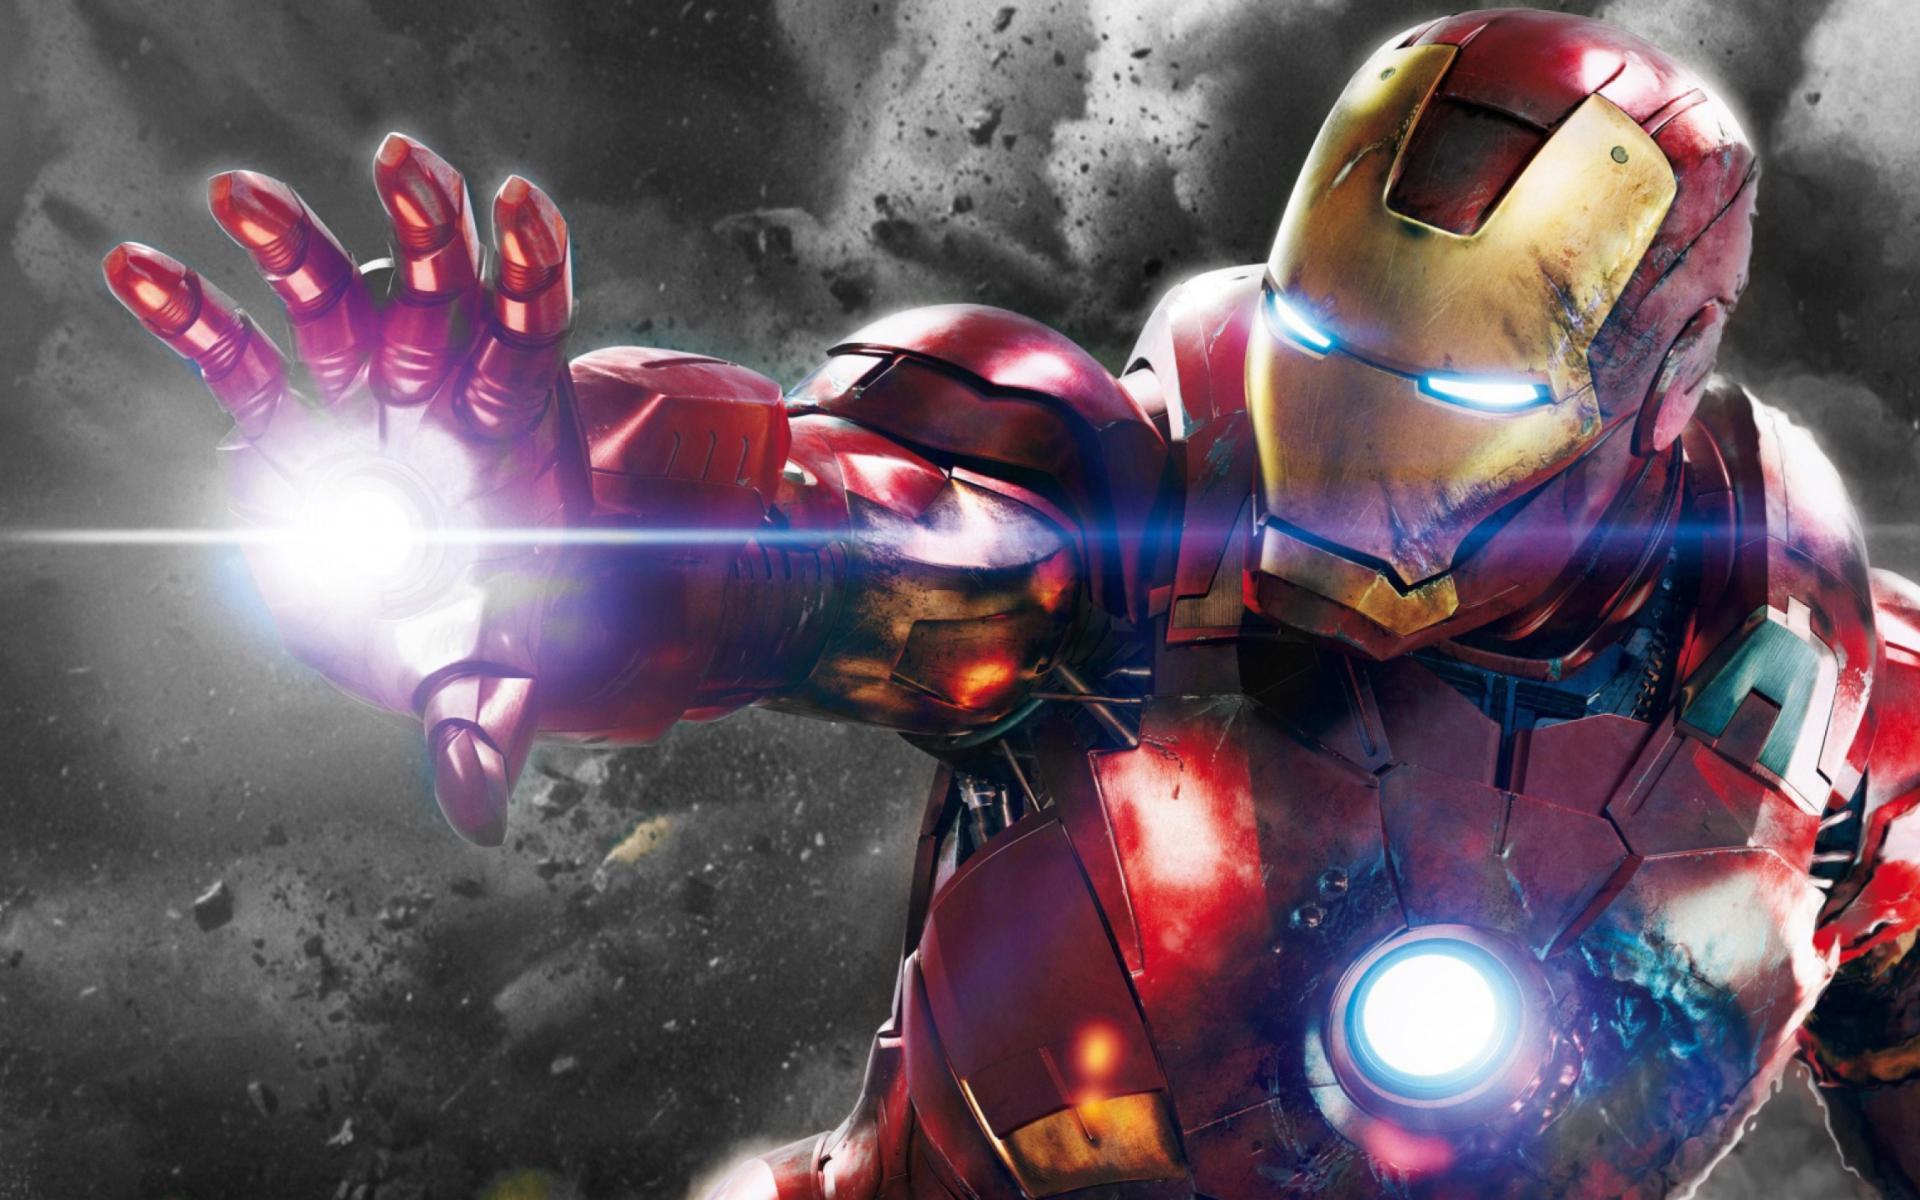 Iron man the avengers 2012 fondos de pantalla gratis - Fondos de pantalla de iron man en 3d ...